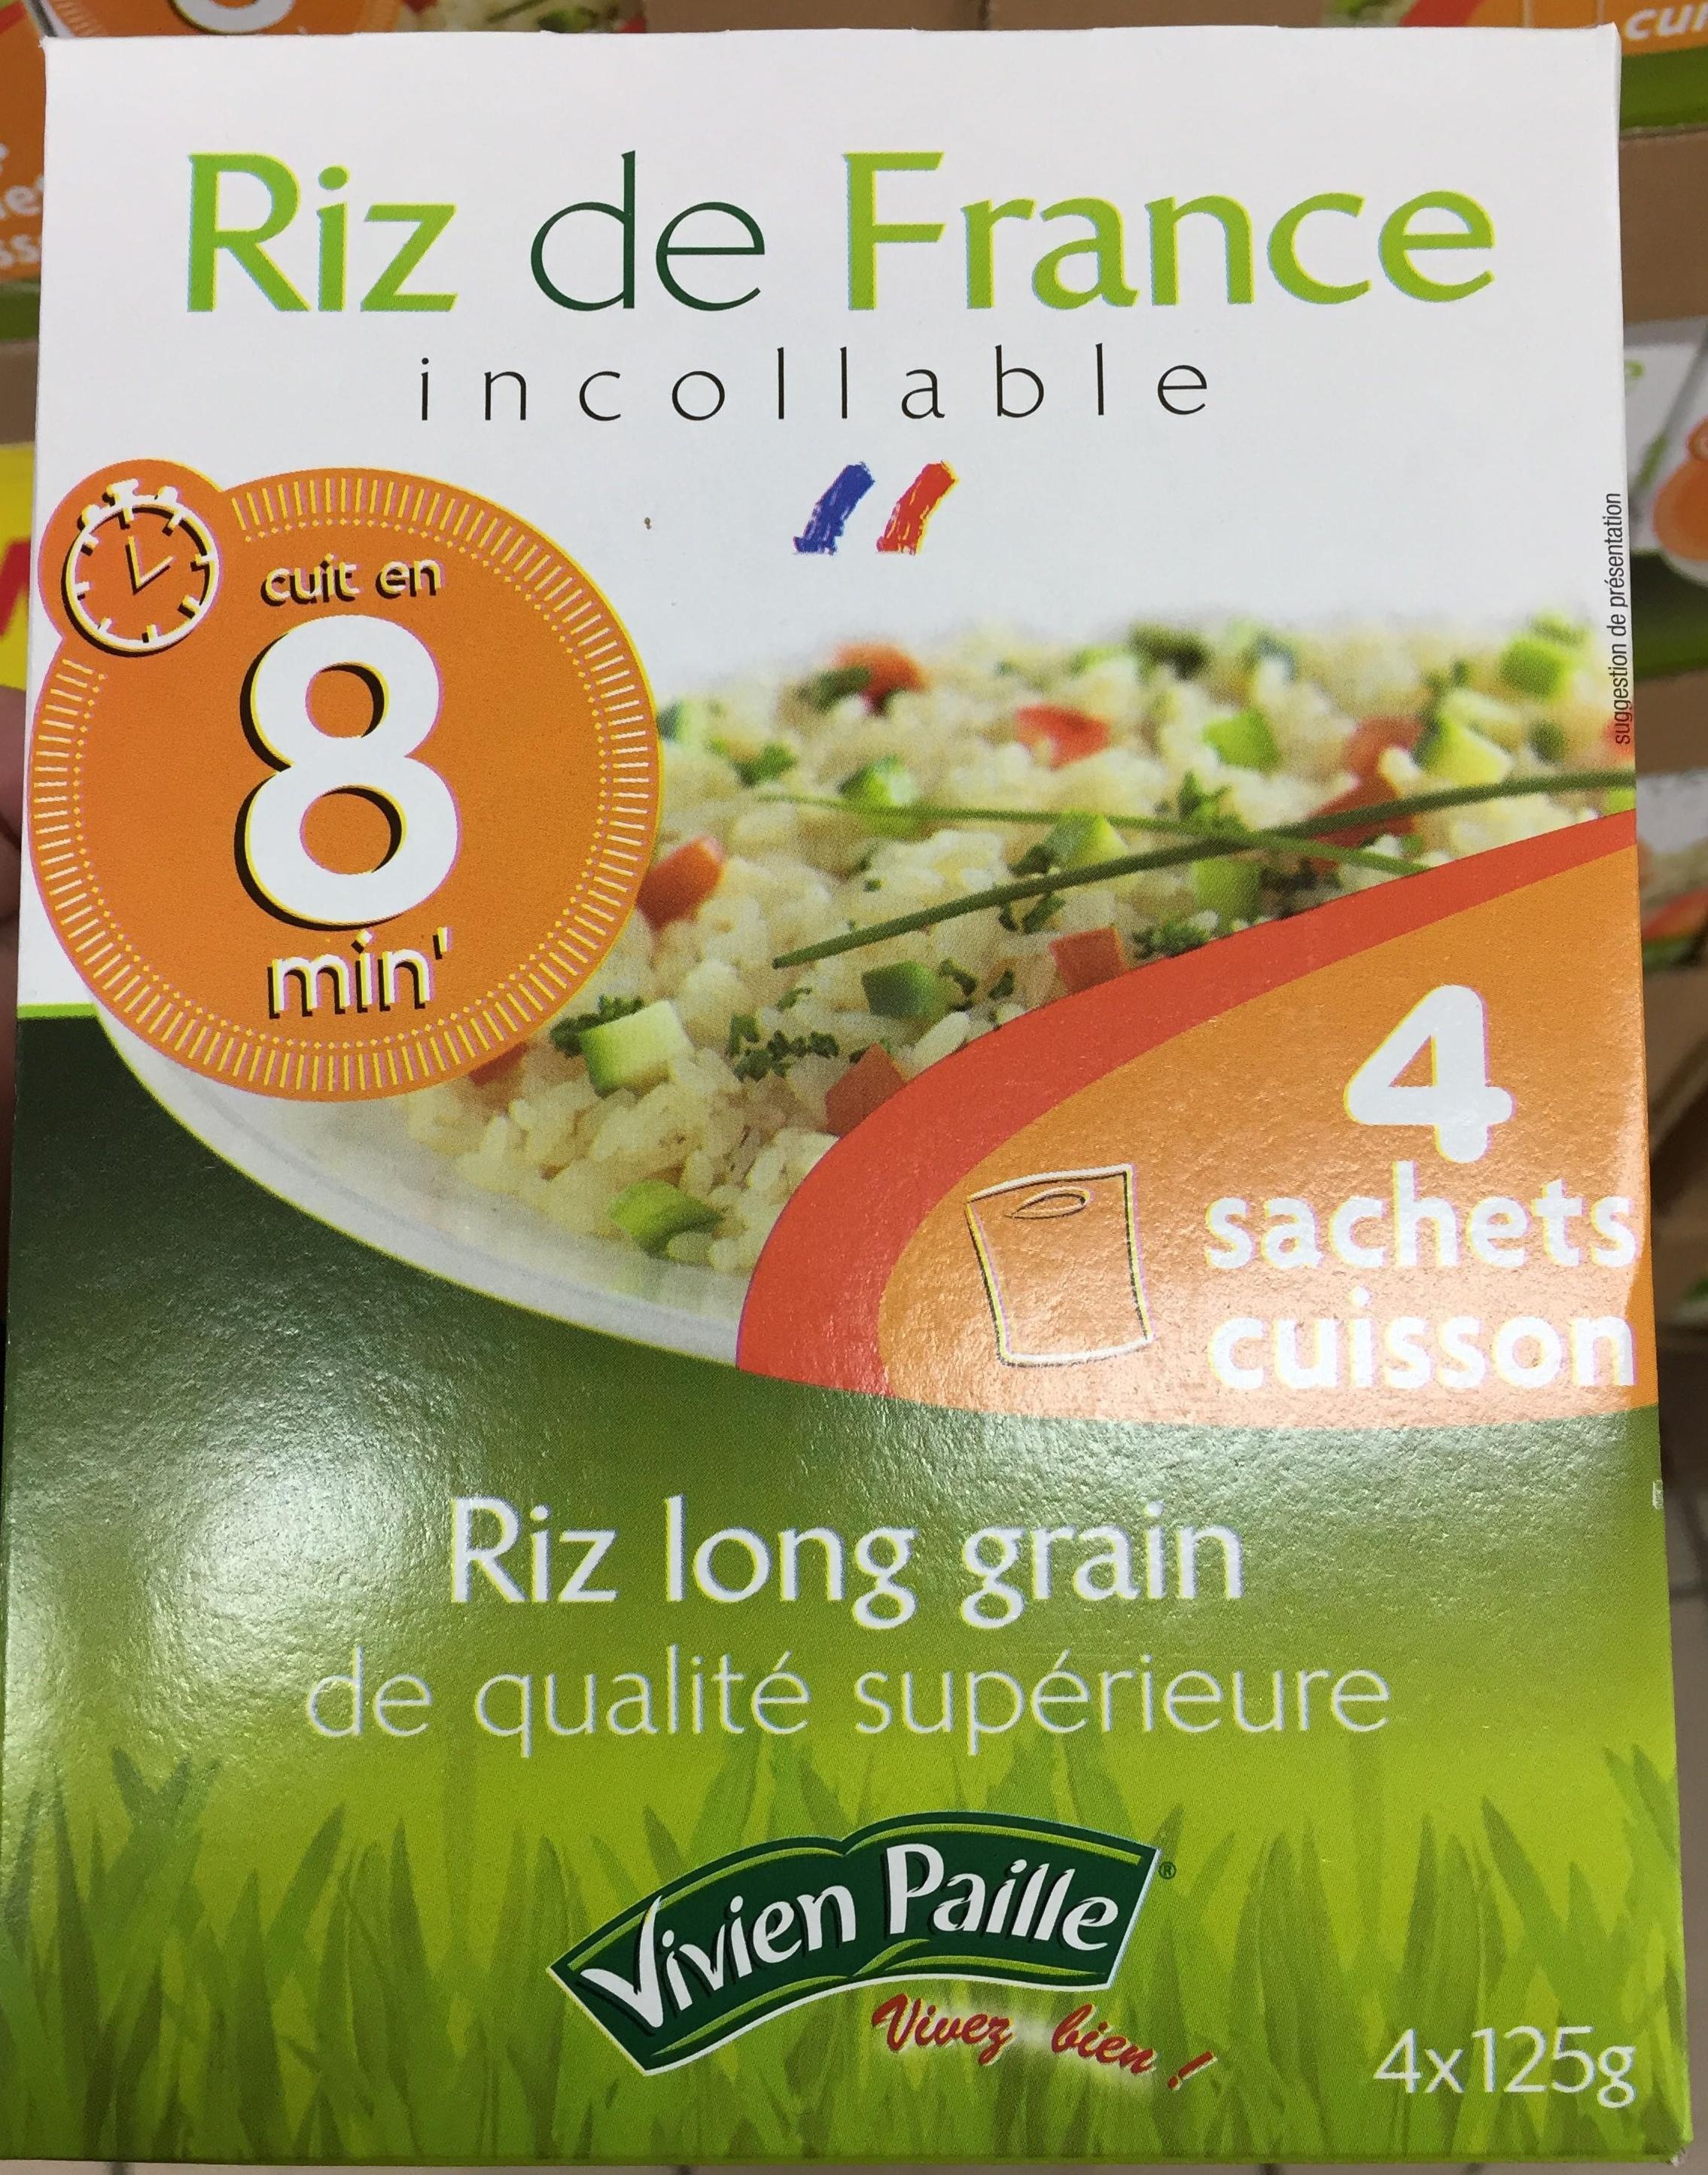 Riz de France incollable - Produit